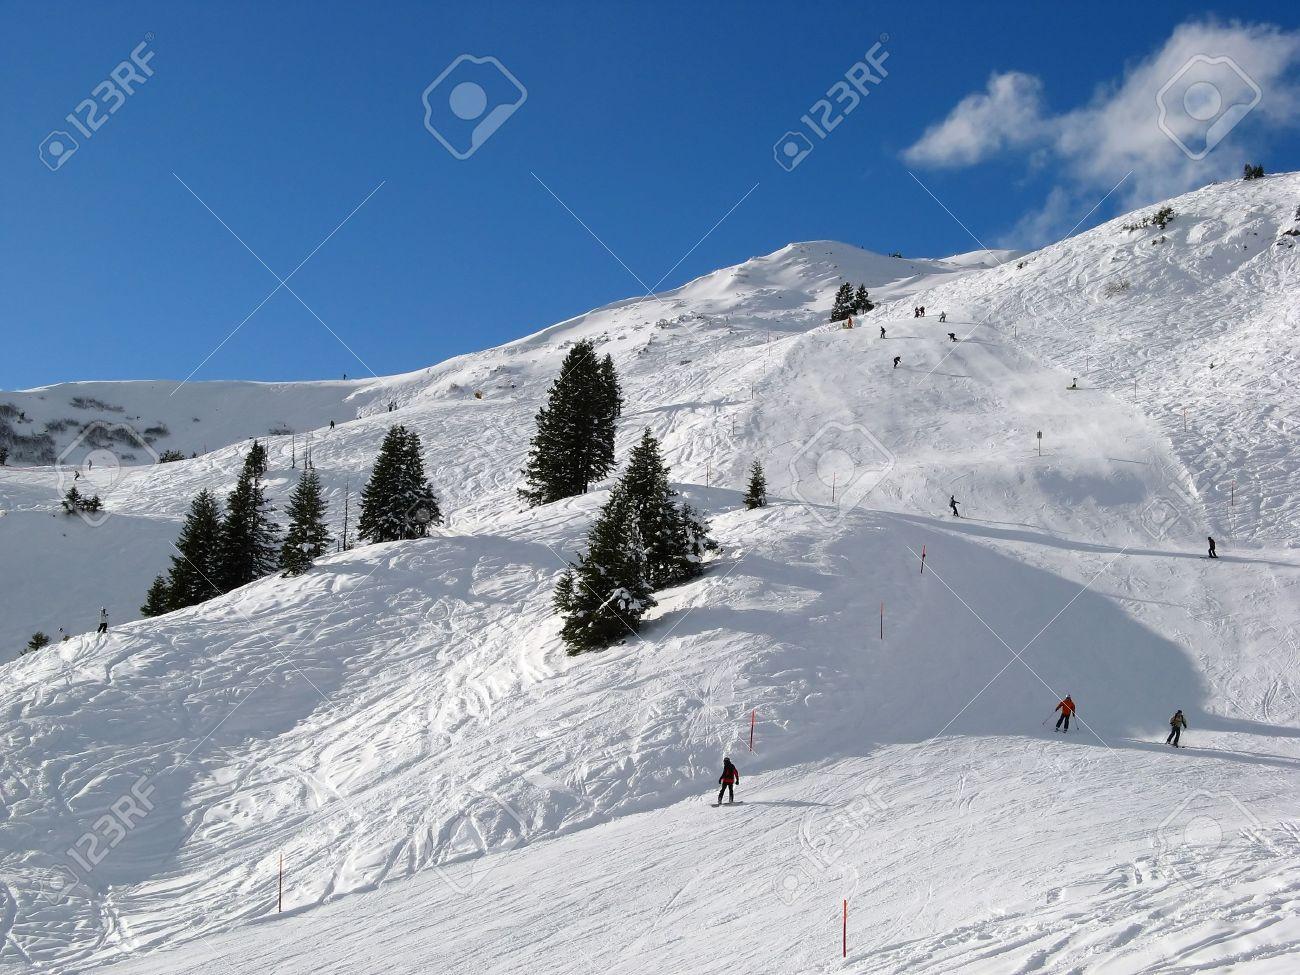 Skiing in Swiss Alps (Flumserberg, St. Gallen) Stock Photo - 5110248